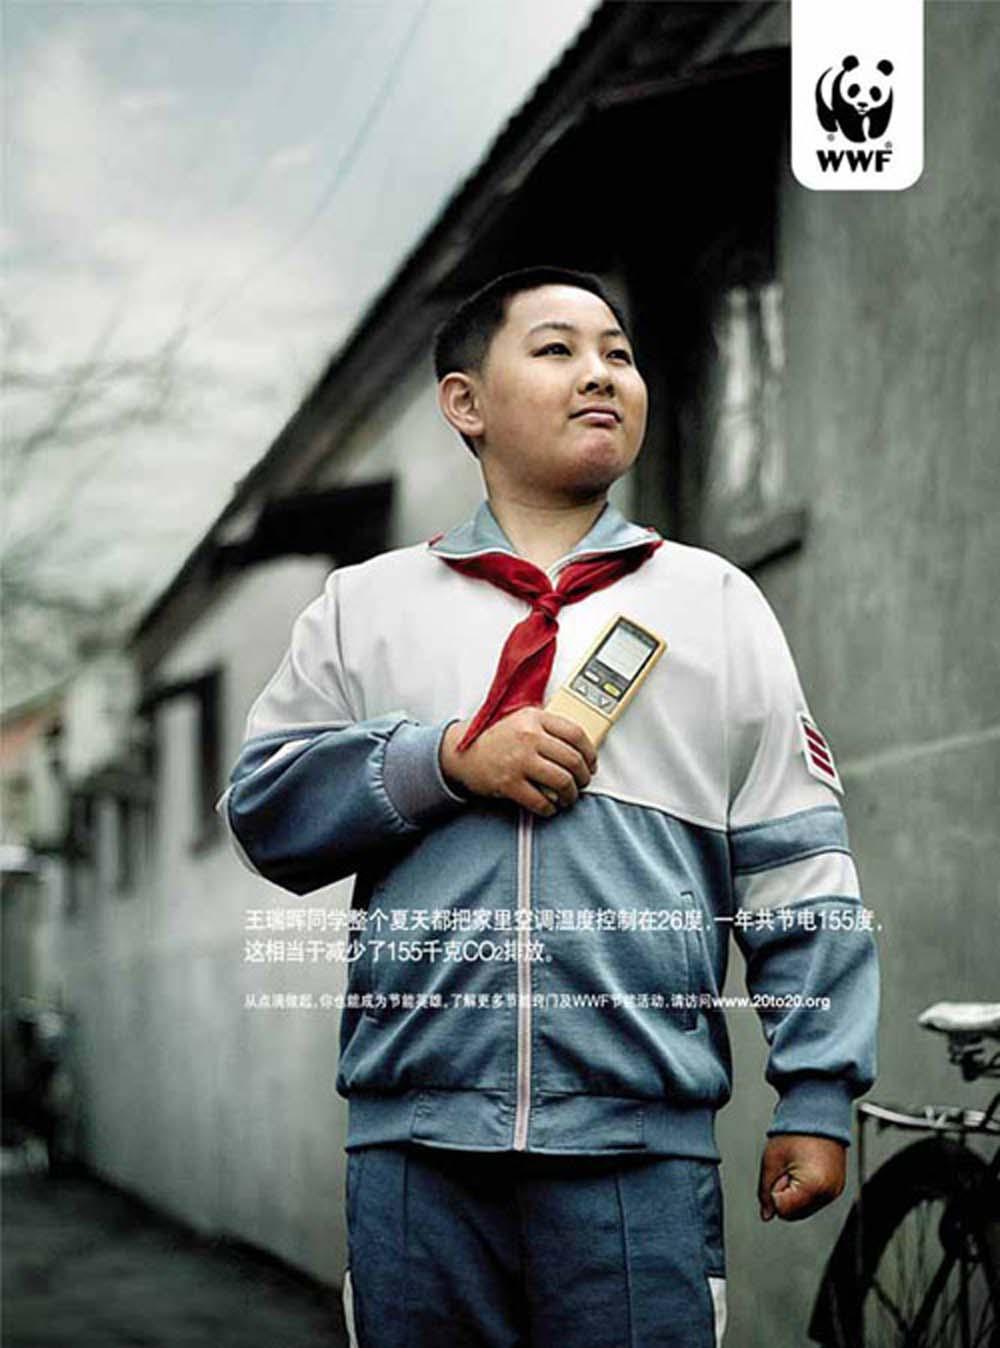 中国 关于 wwf/2008/11/14 禁毒公益广告| 点击:4327...